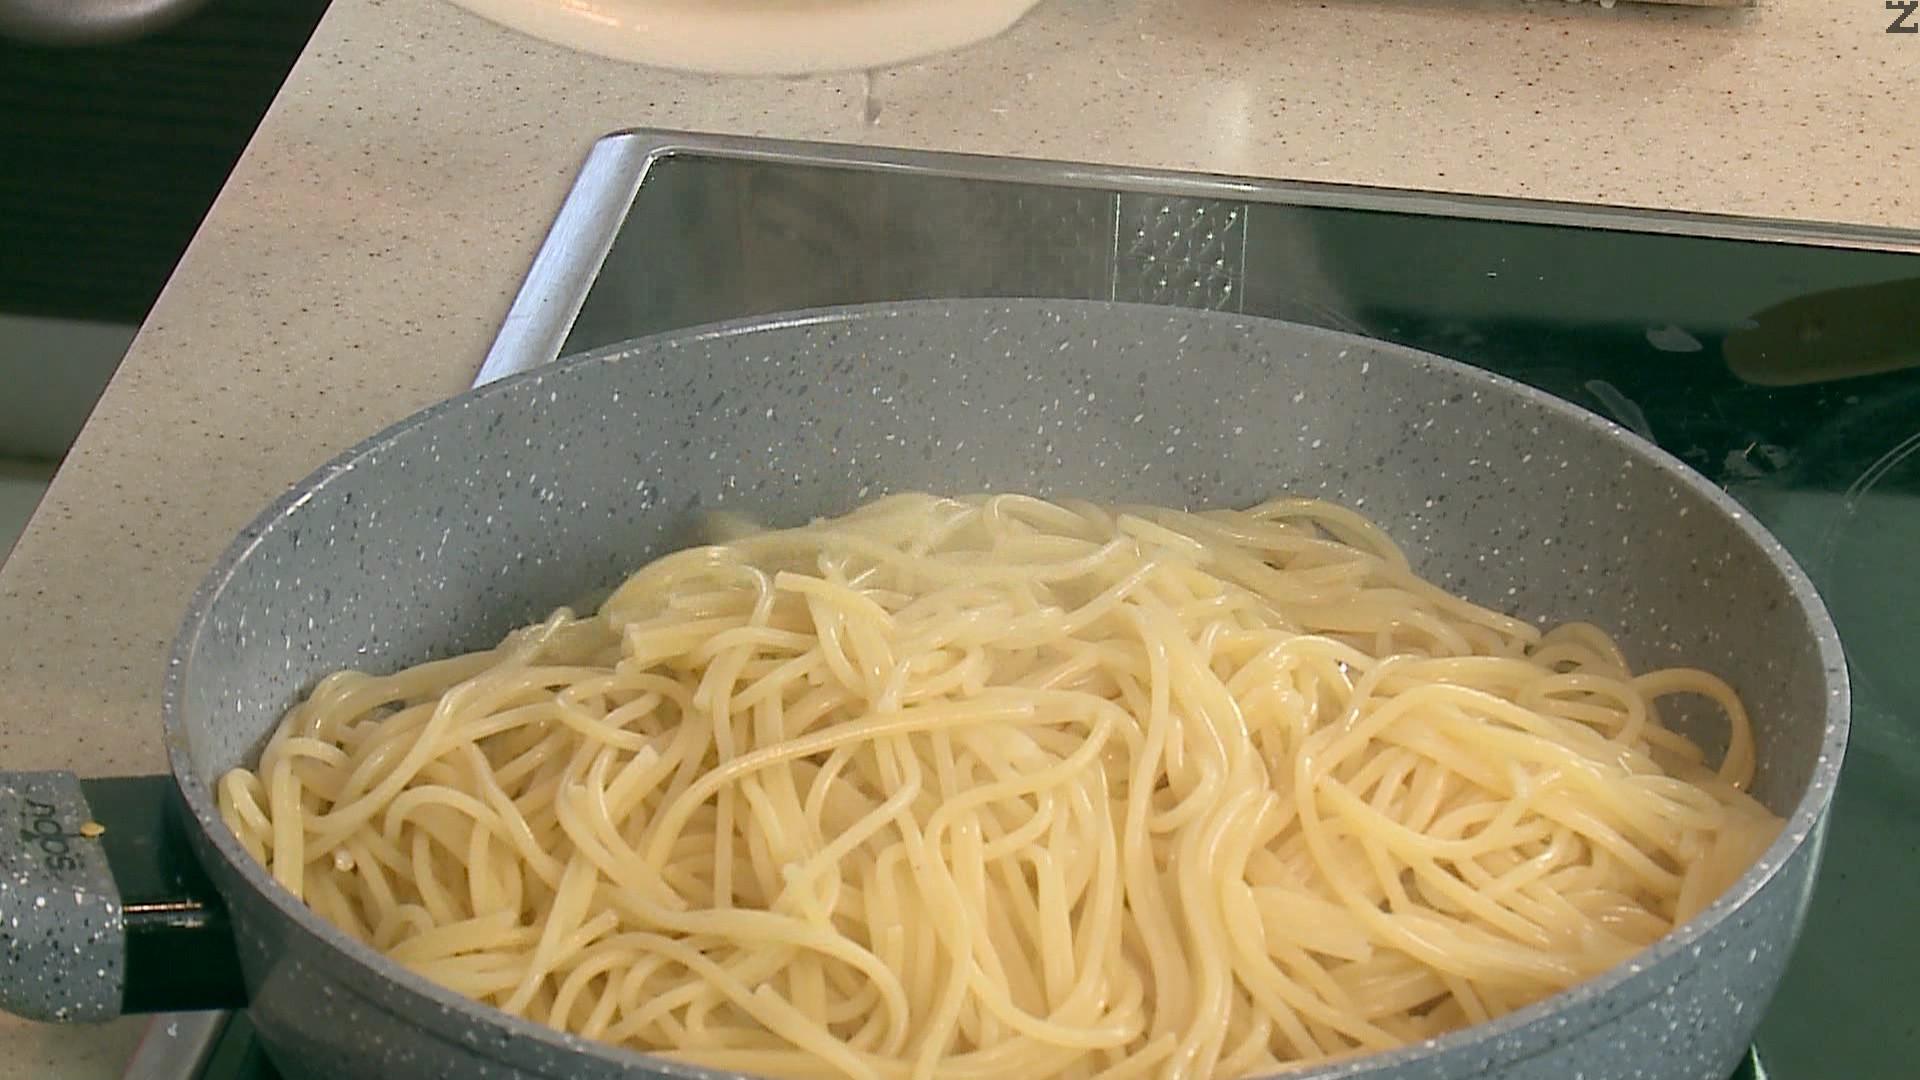 След минута пържене се слагат сварените спагети, поръсват се със запържено кедрово семе и хубаво размесват.